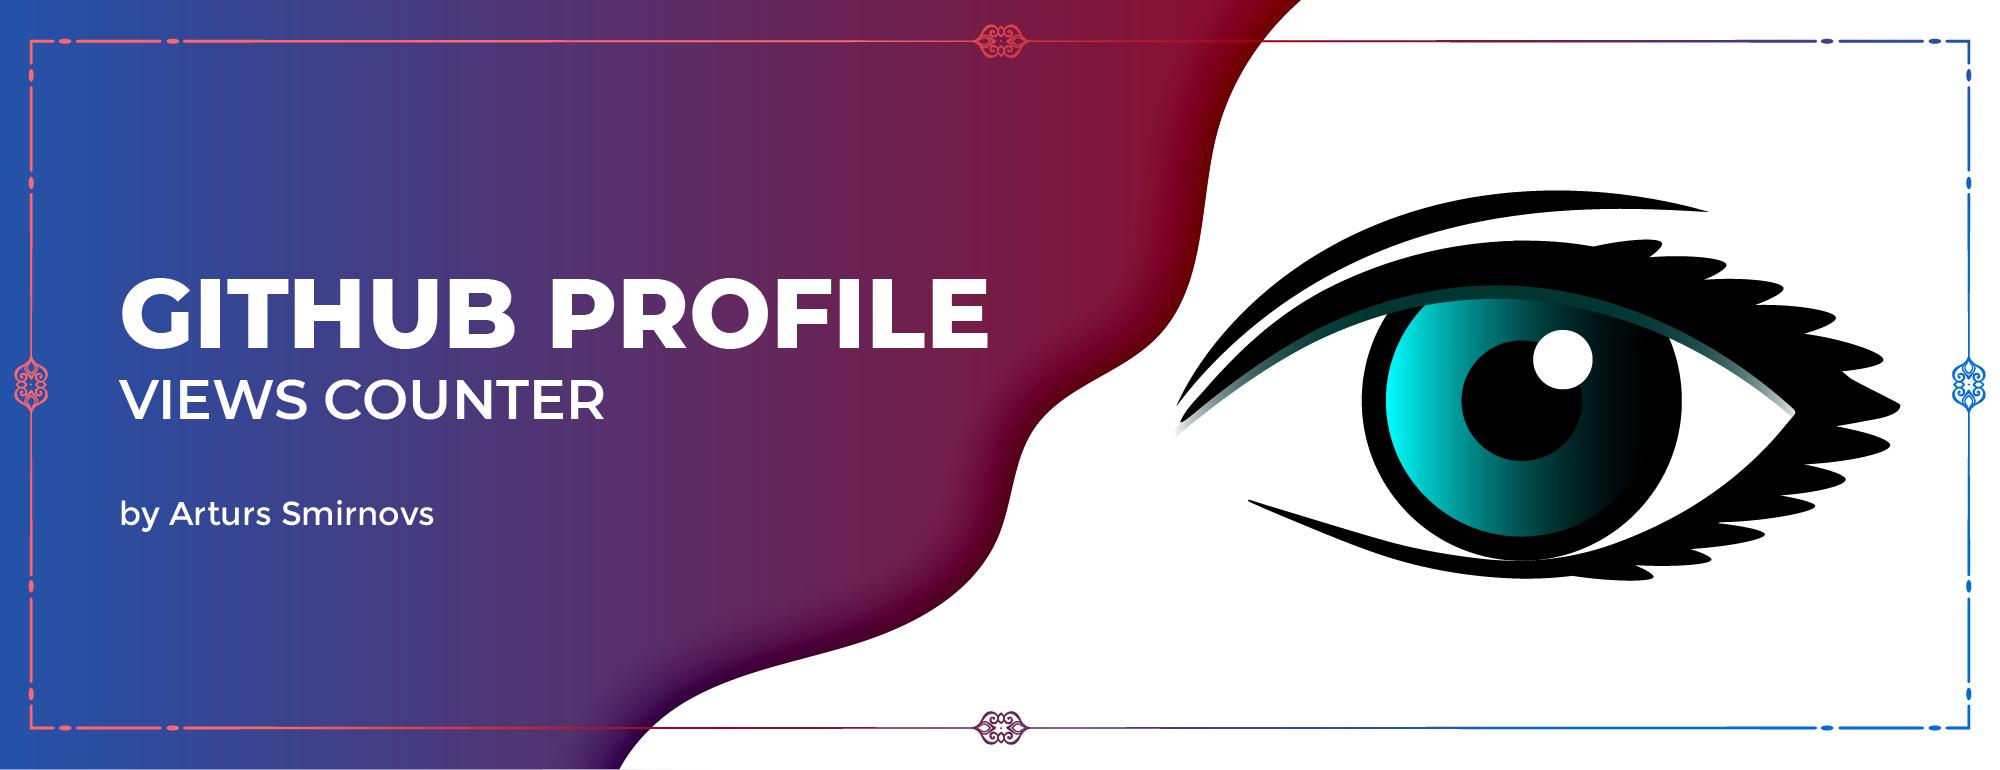 github-profile-views-counter